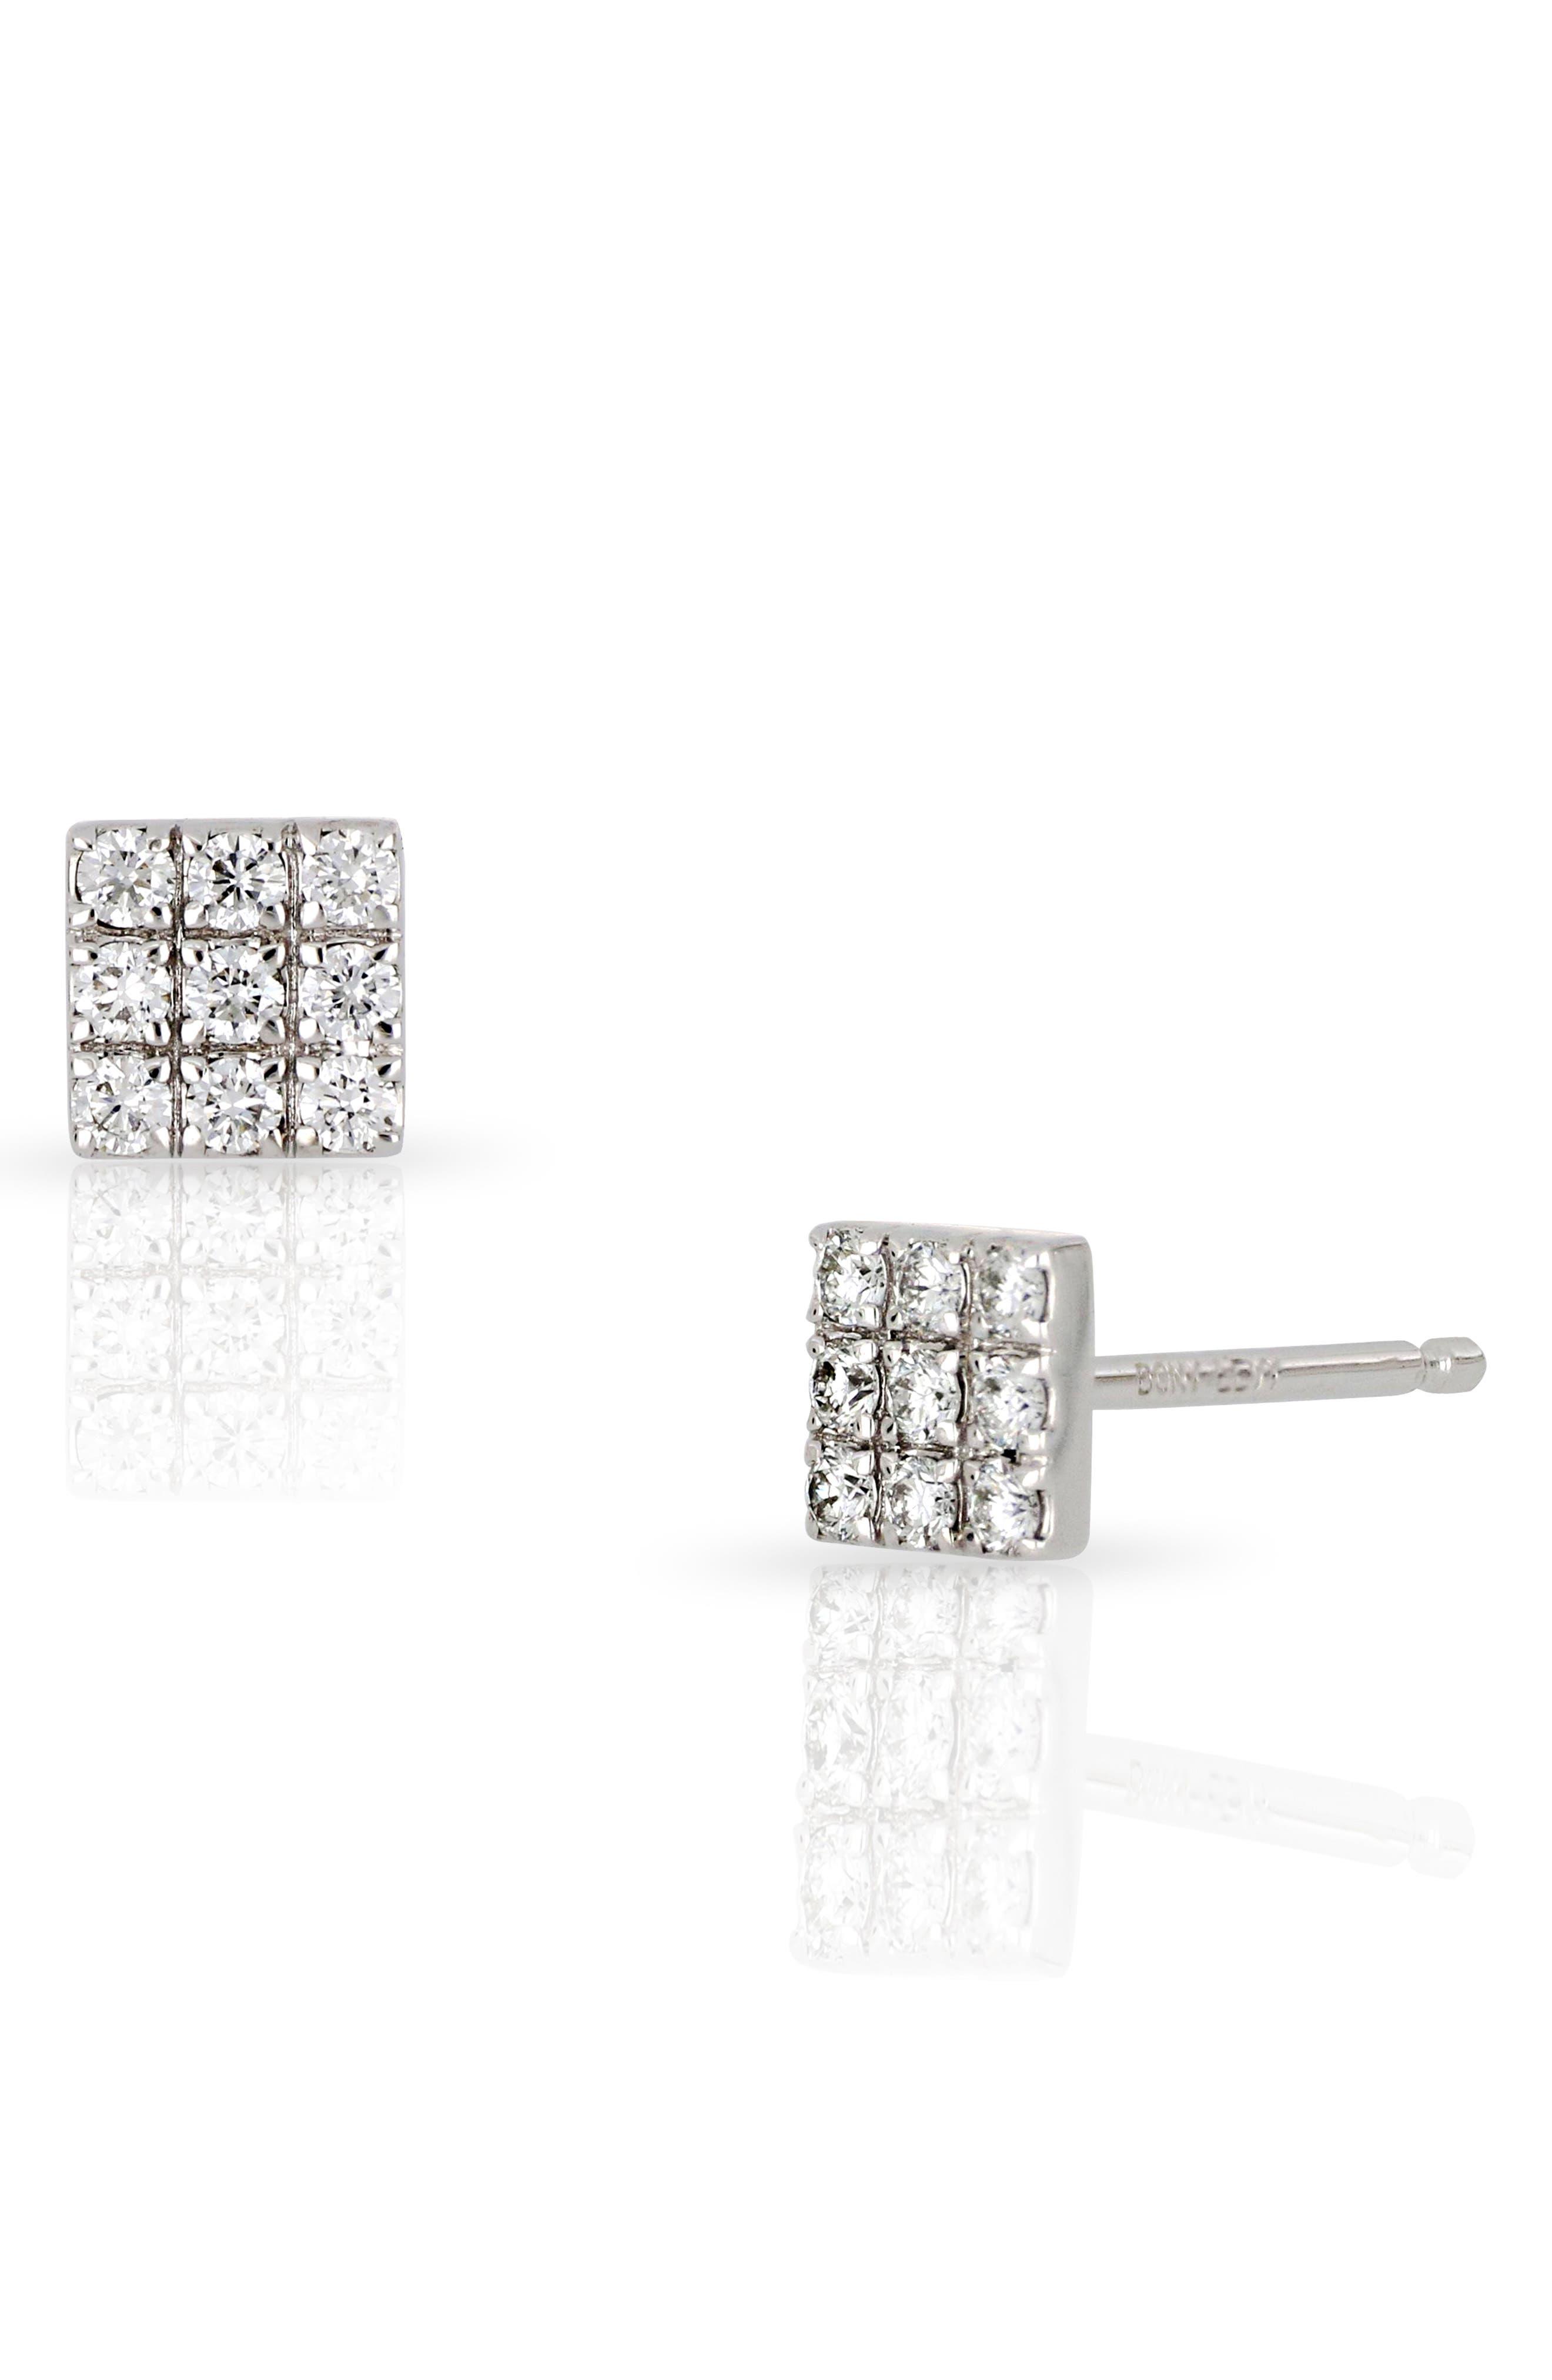 Kiera Square Diamond Stud Earrings,                             Main thumbnail 1, color,                             White Gold